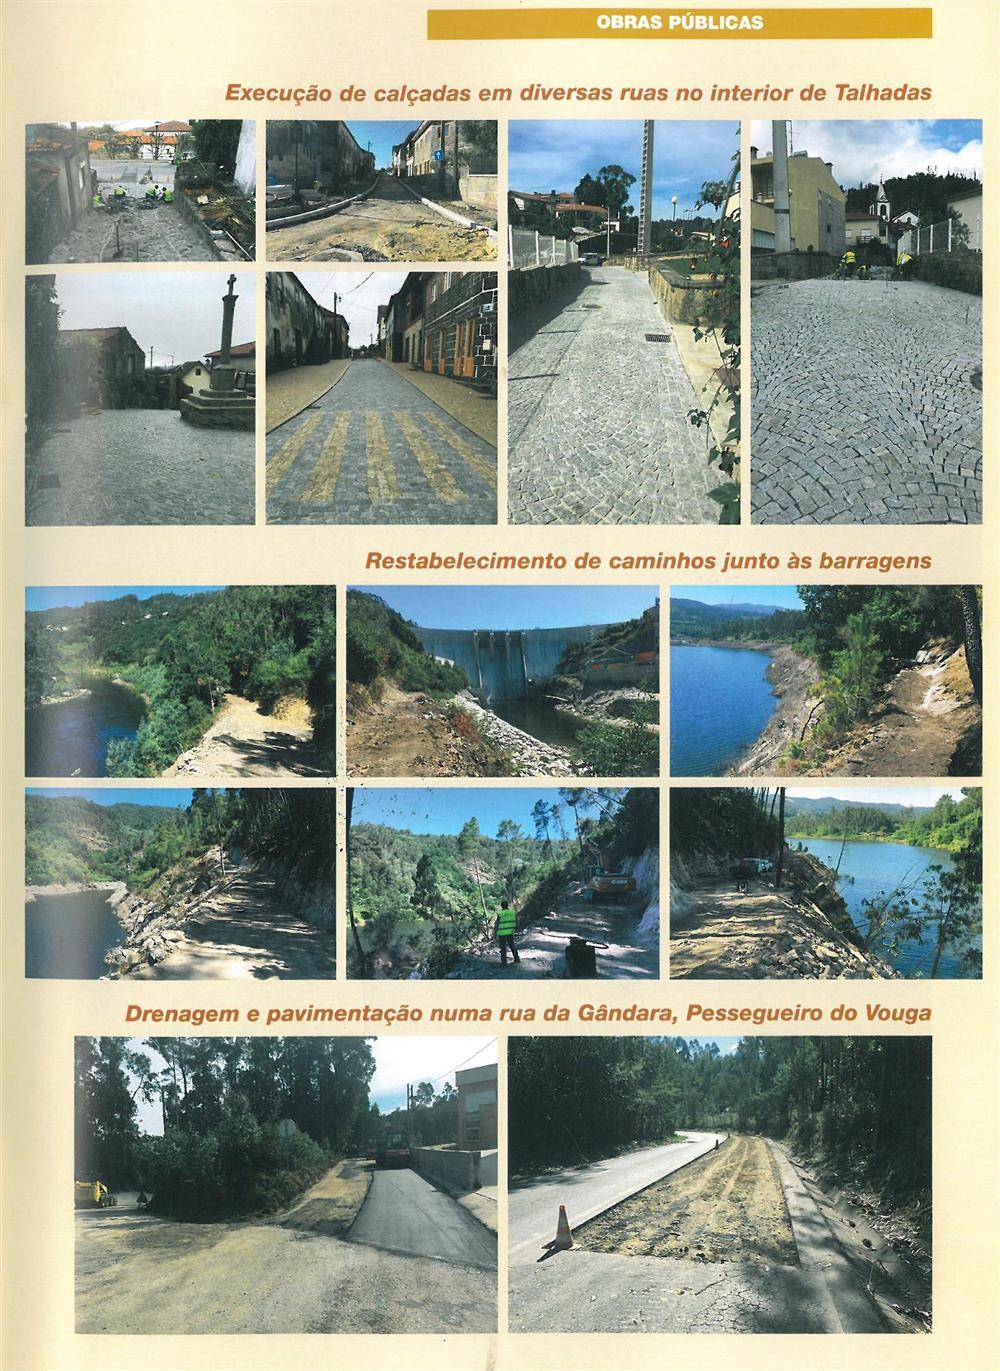 BoletimMunicipal-n.º32-nov.'15-p.51-Obras públicas [1.ª de oito partes].jpg